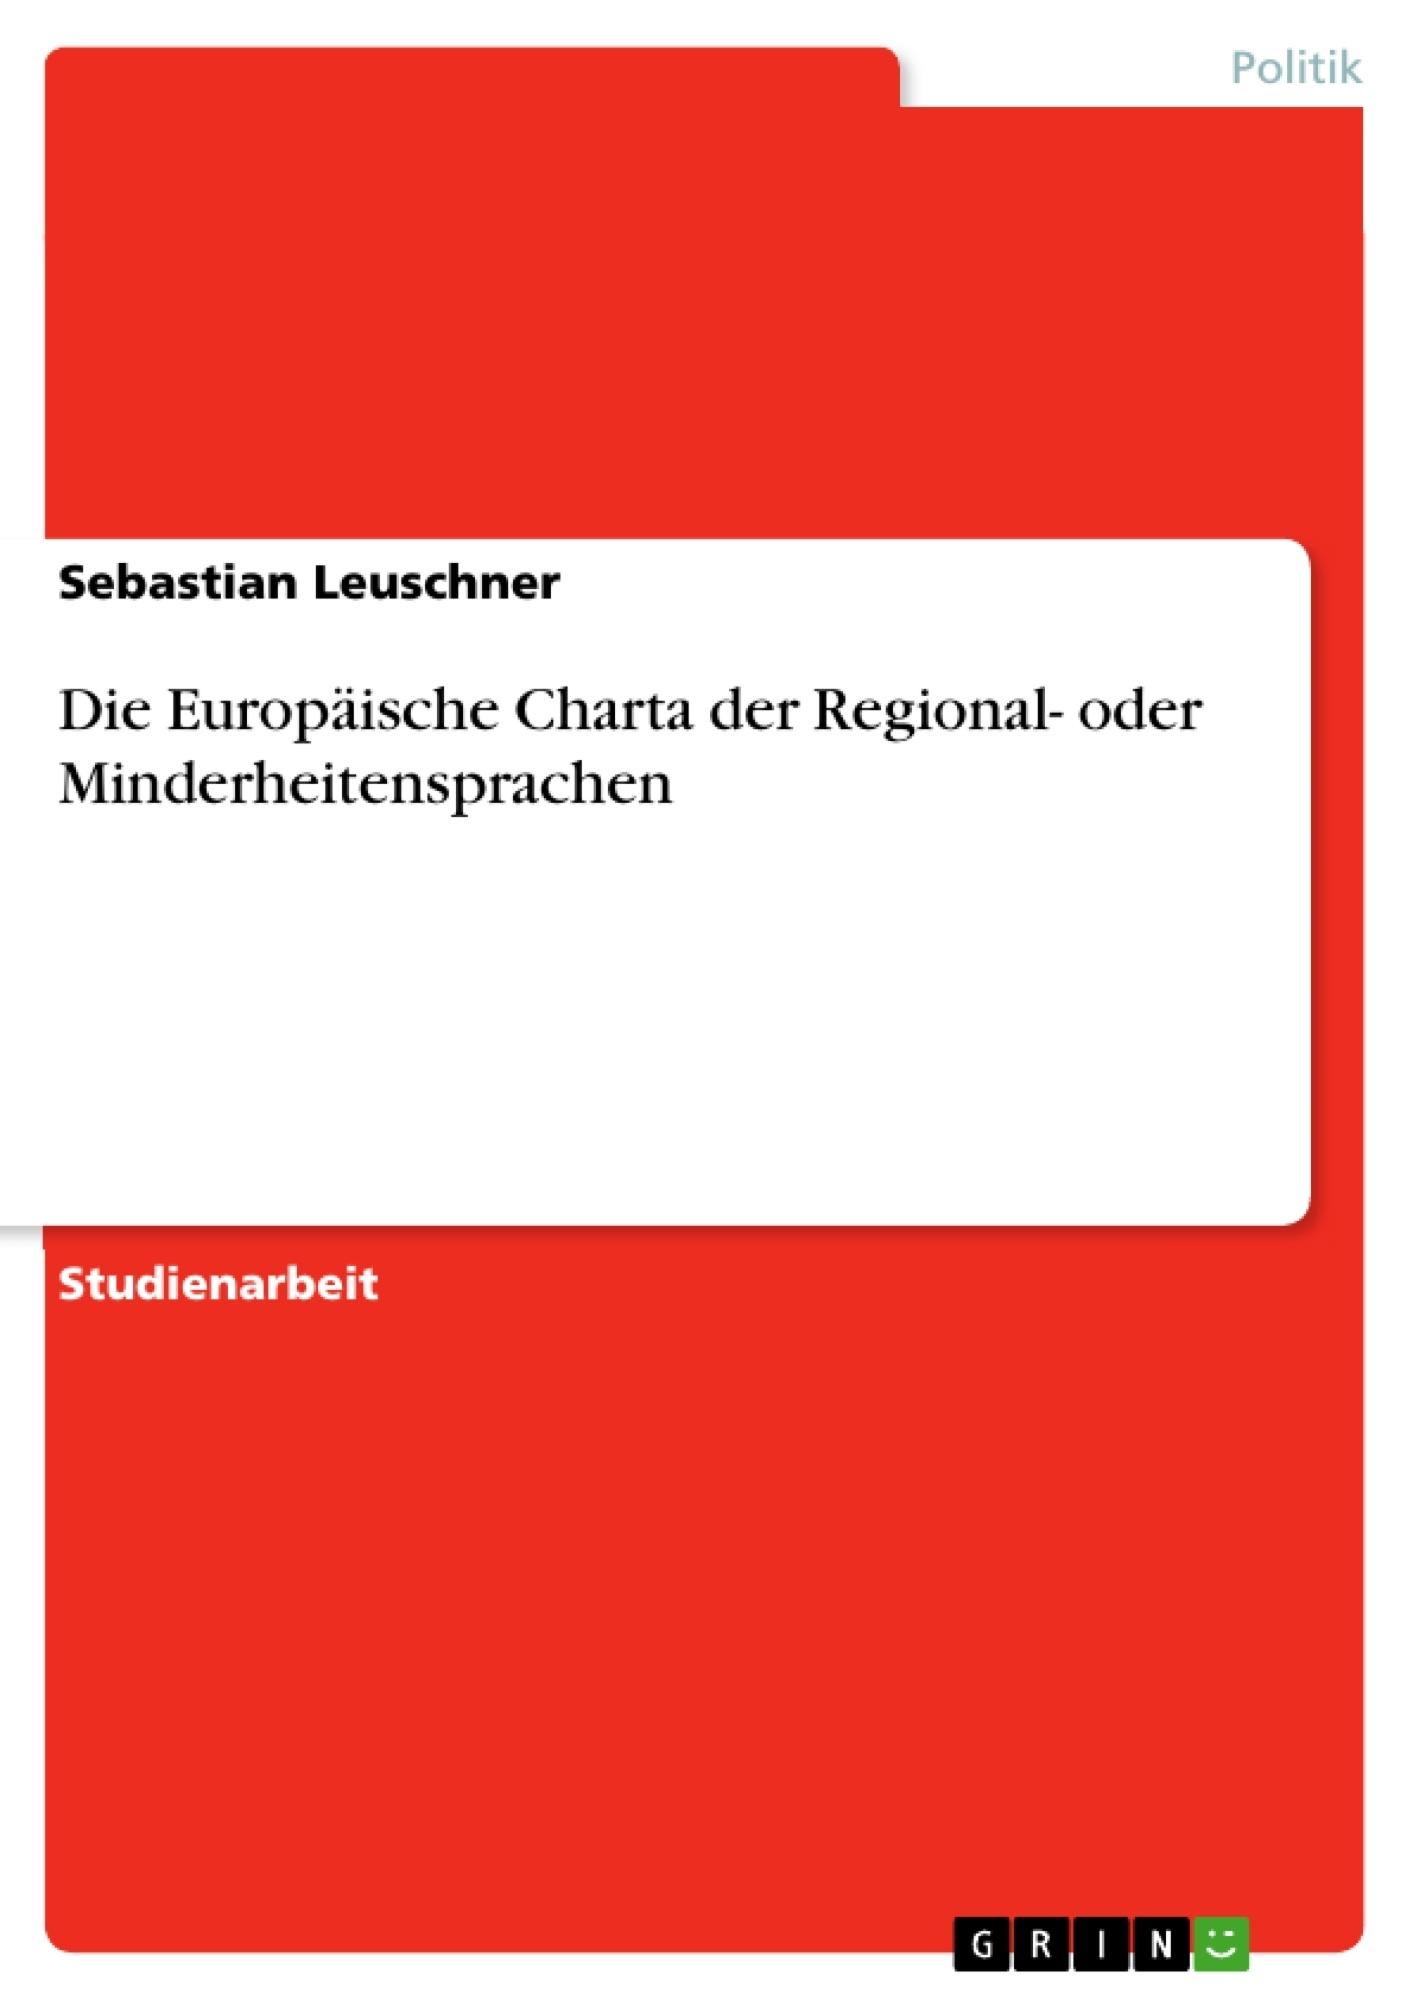 Titel: Die Europäische Charta der Regional- oder Minderheitensprachen